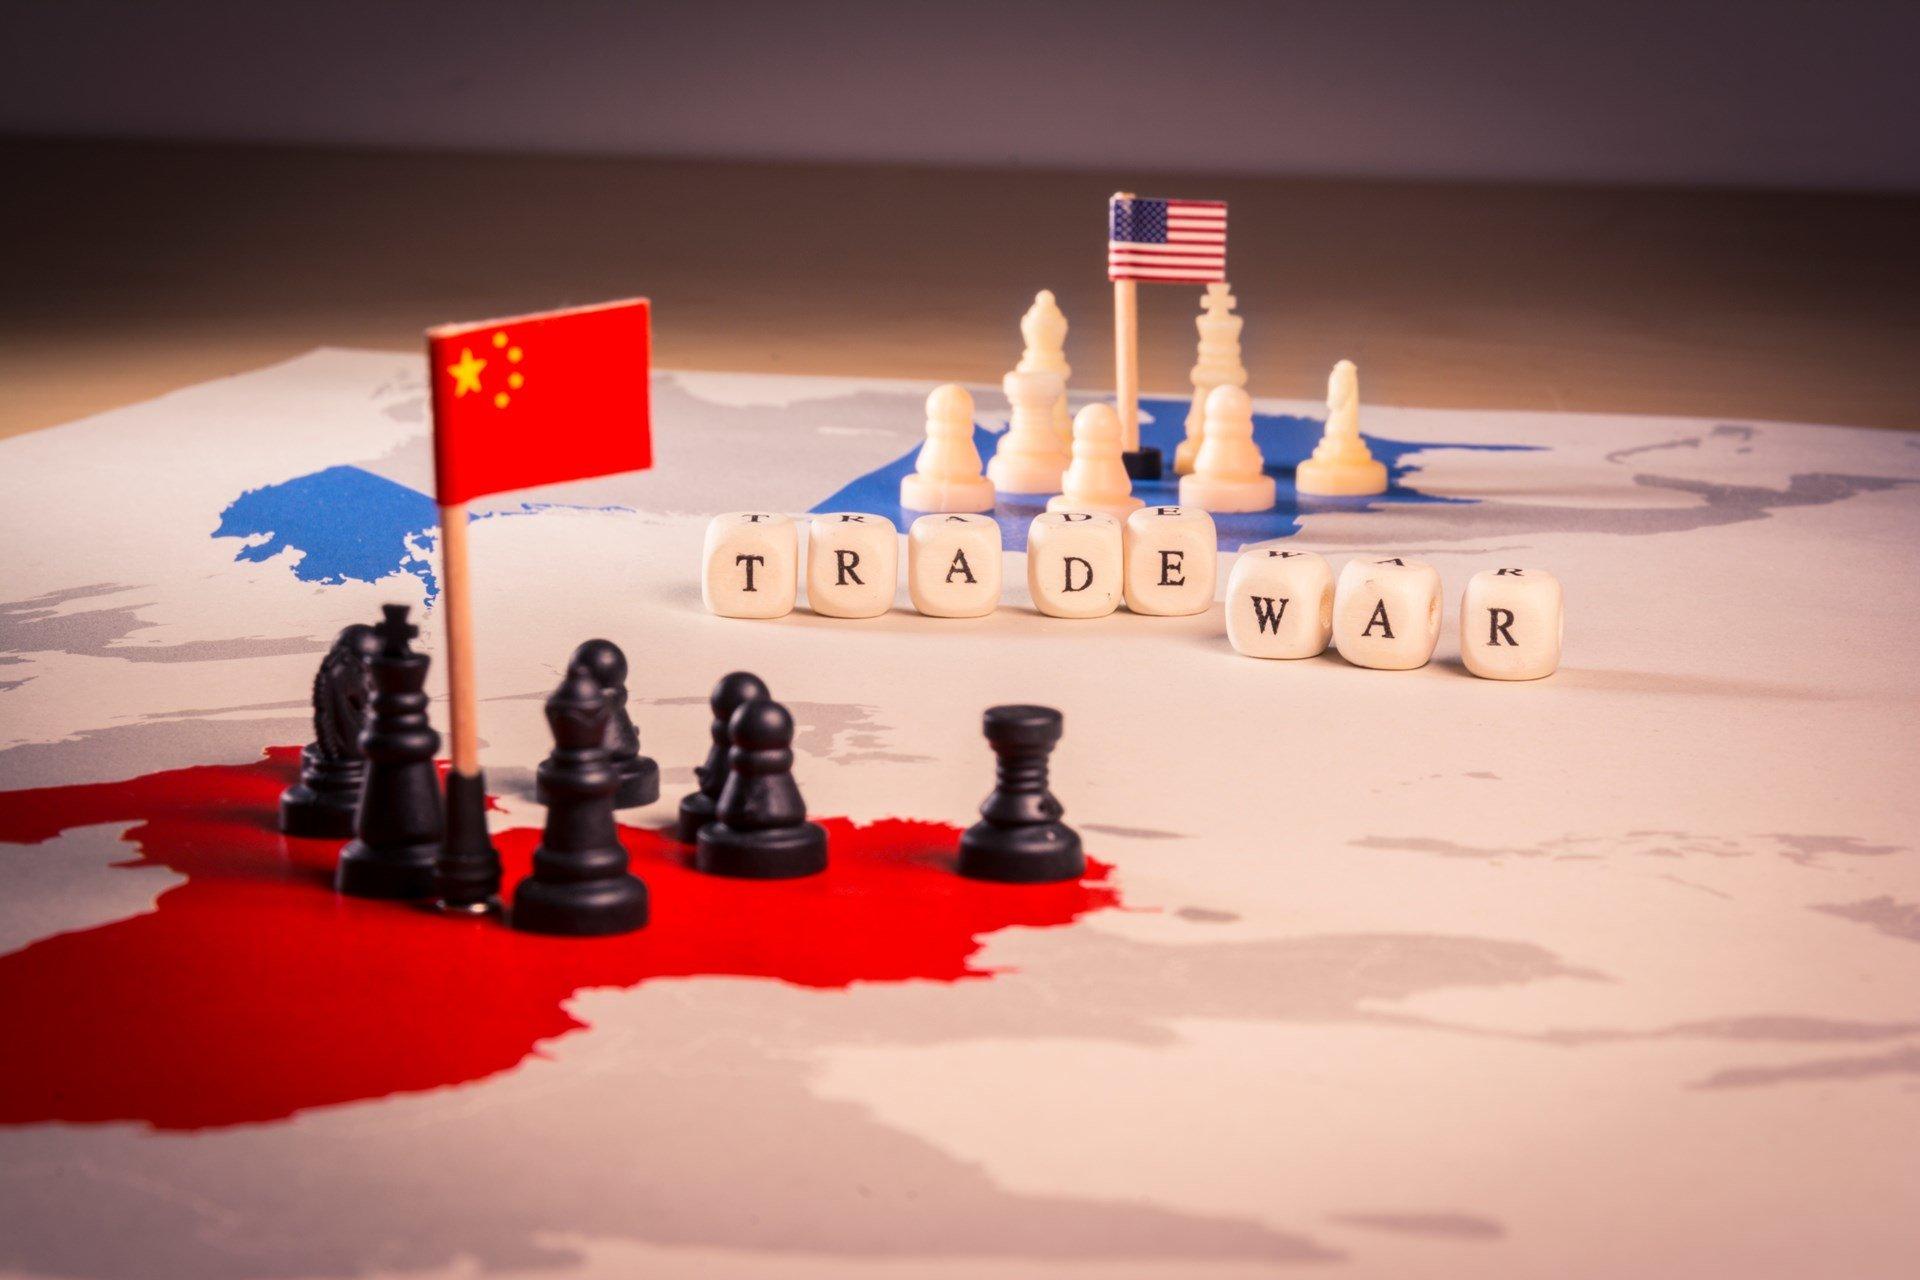 Худалдааны дайн түүхий эдийн ханшид сөргөөр нөлөөлж эхэллээ